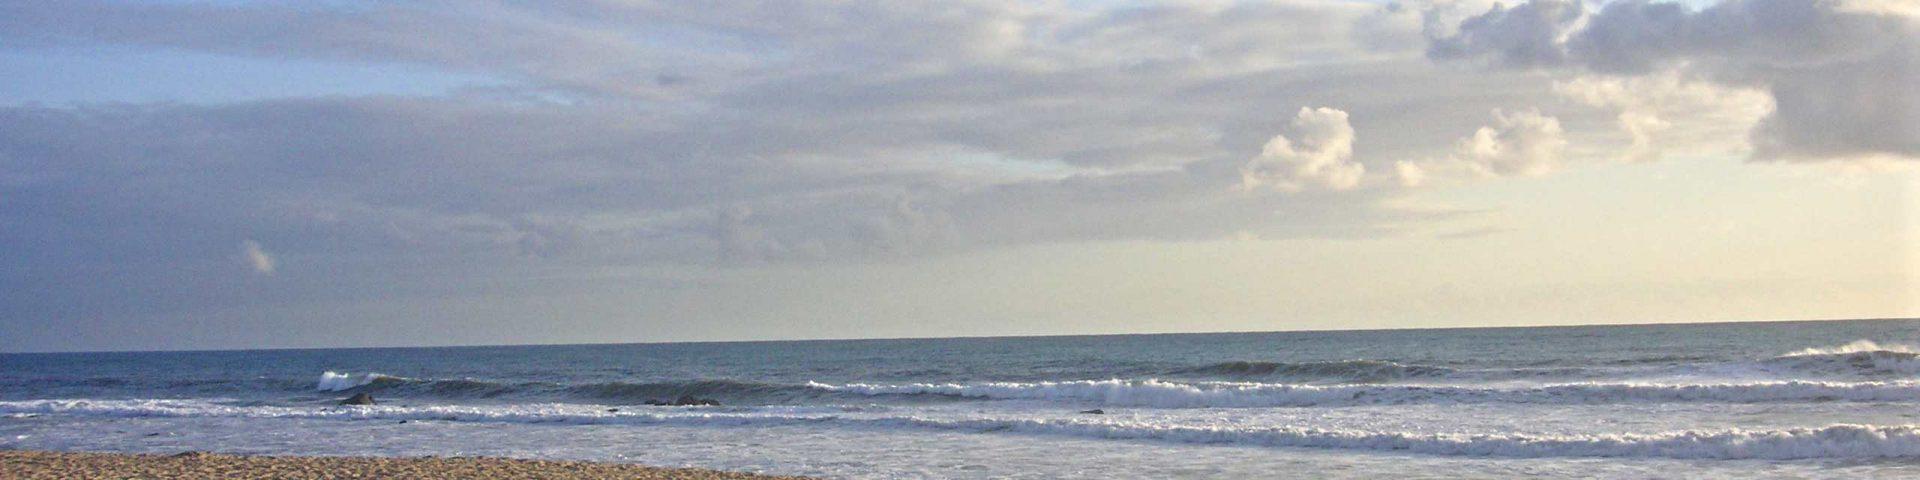 Beach near Vila do Conde, Porto